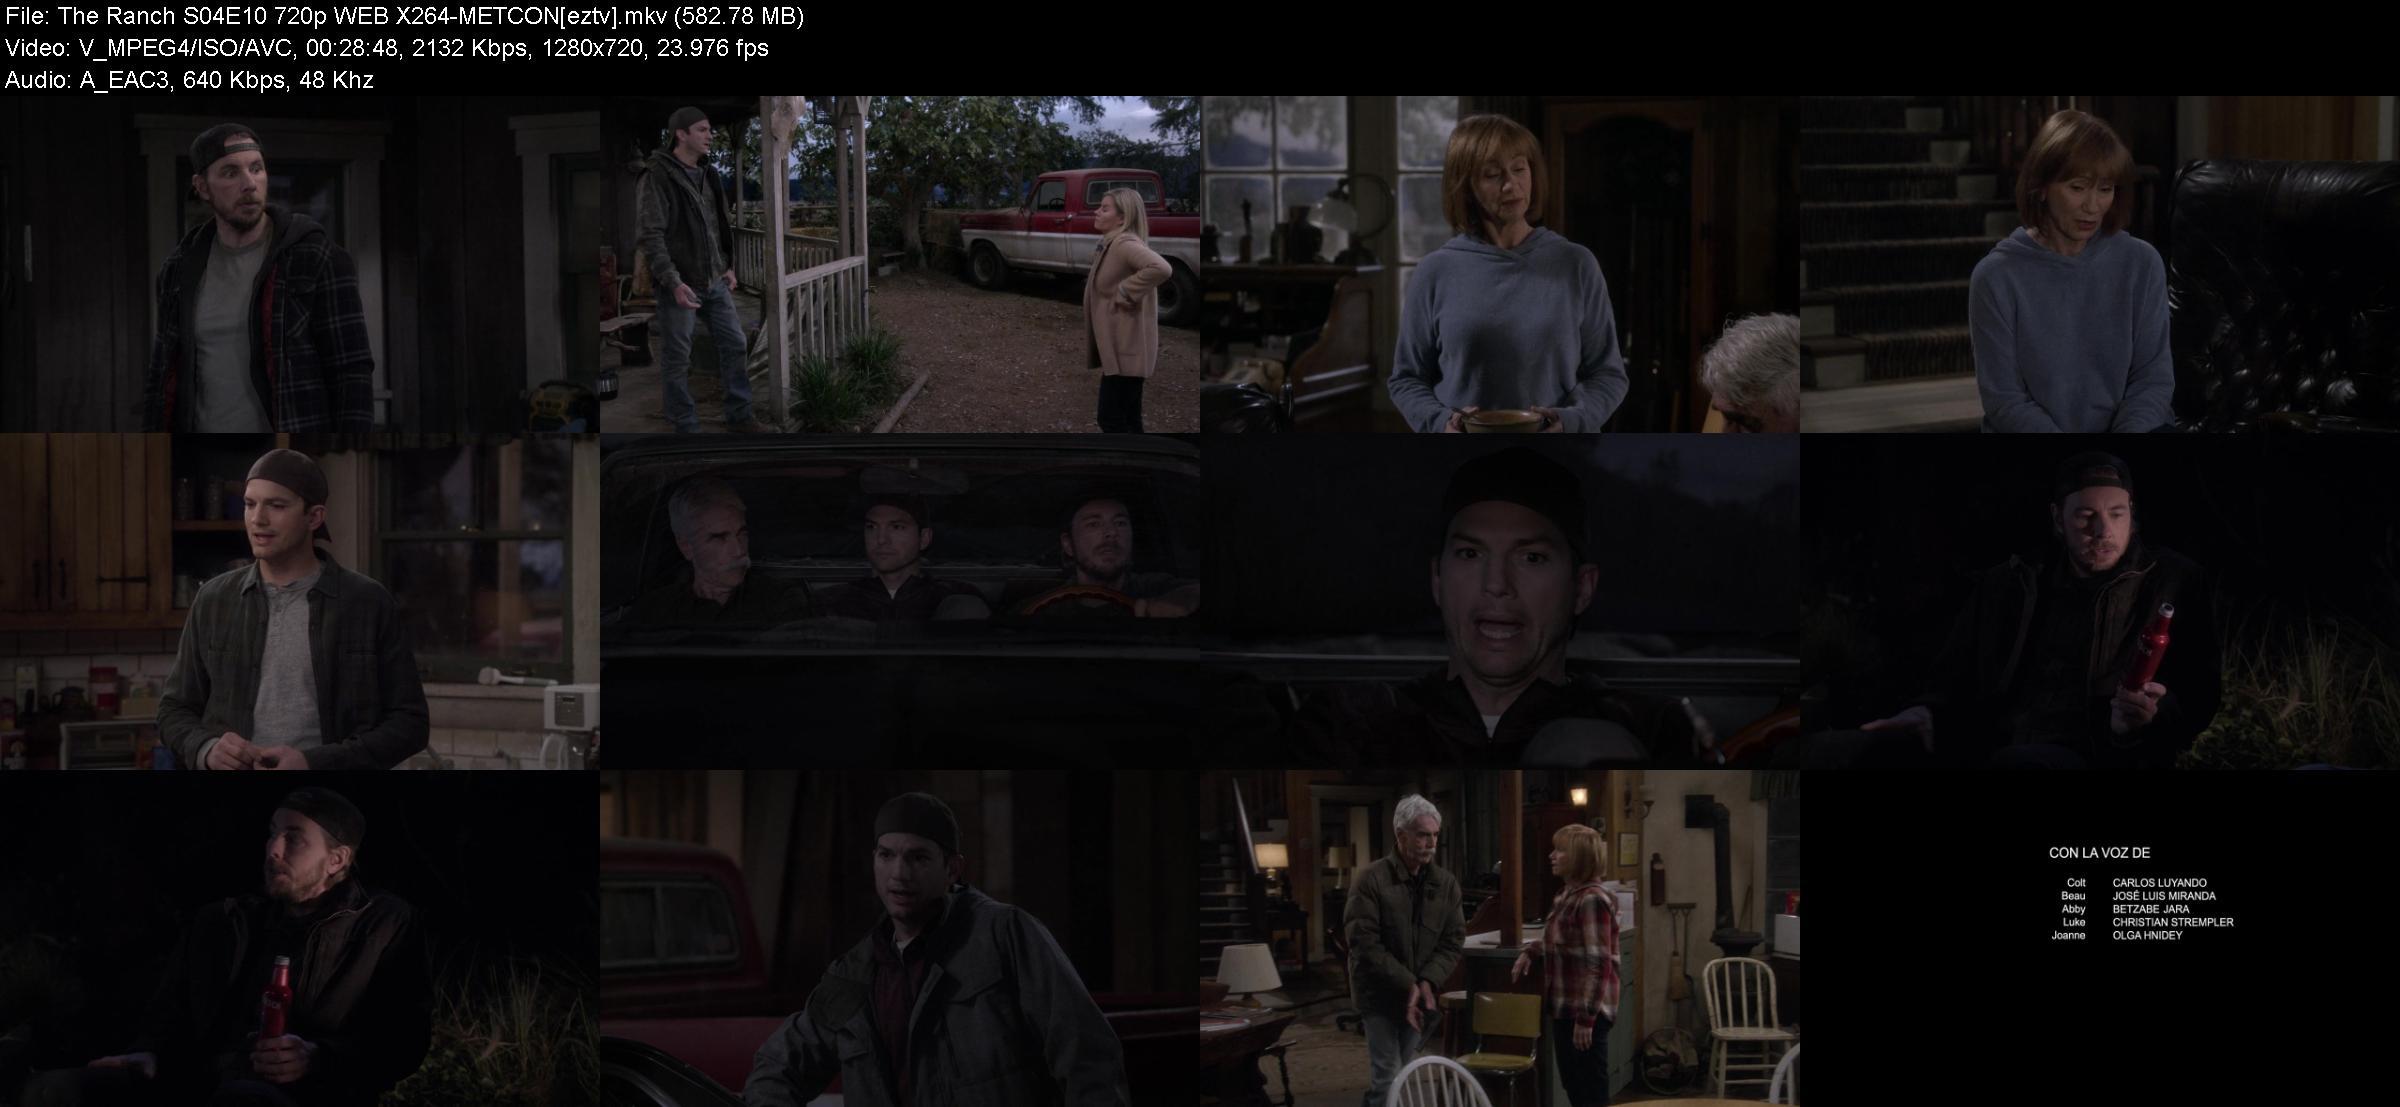 The Ranch S04E10 720p WEB X264-METCON